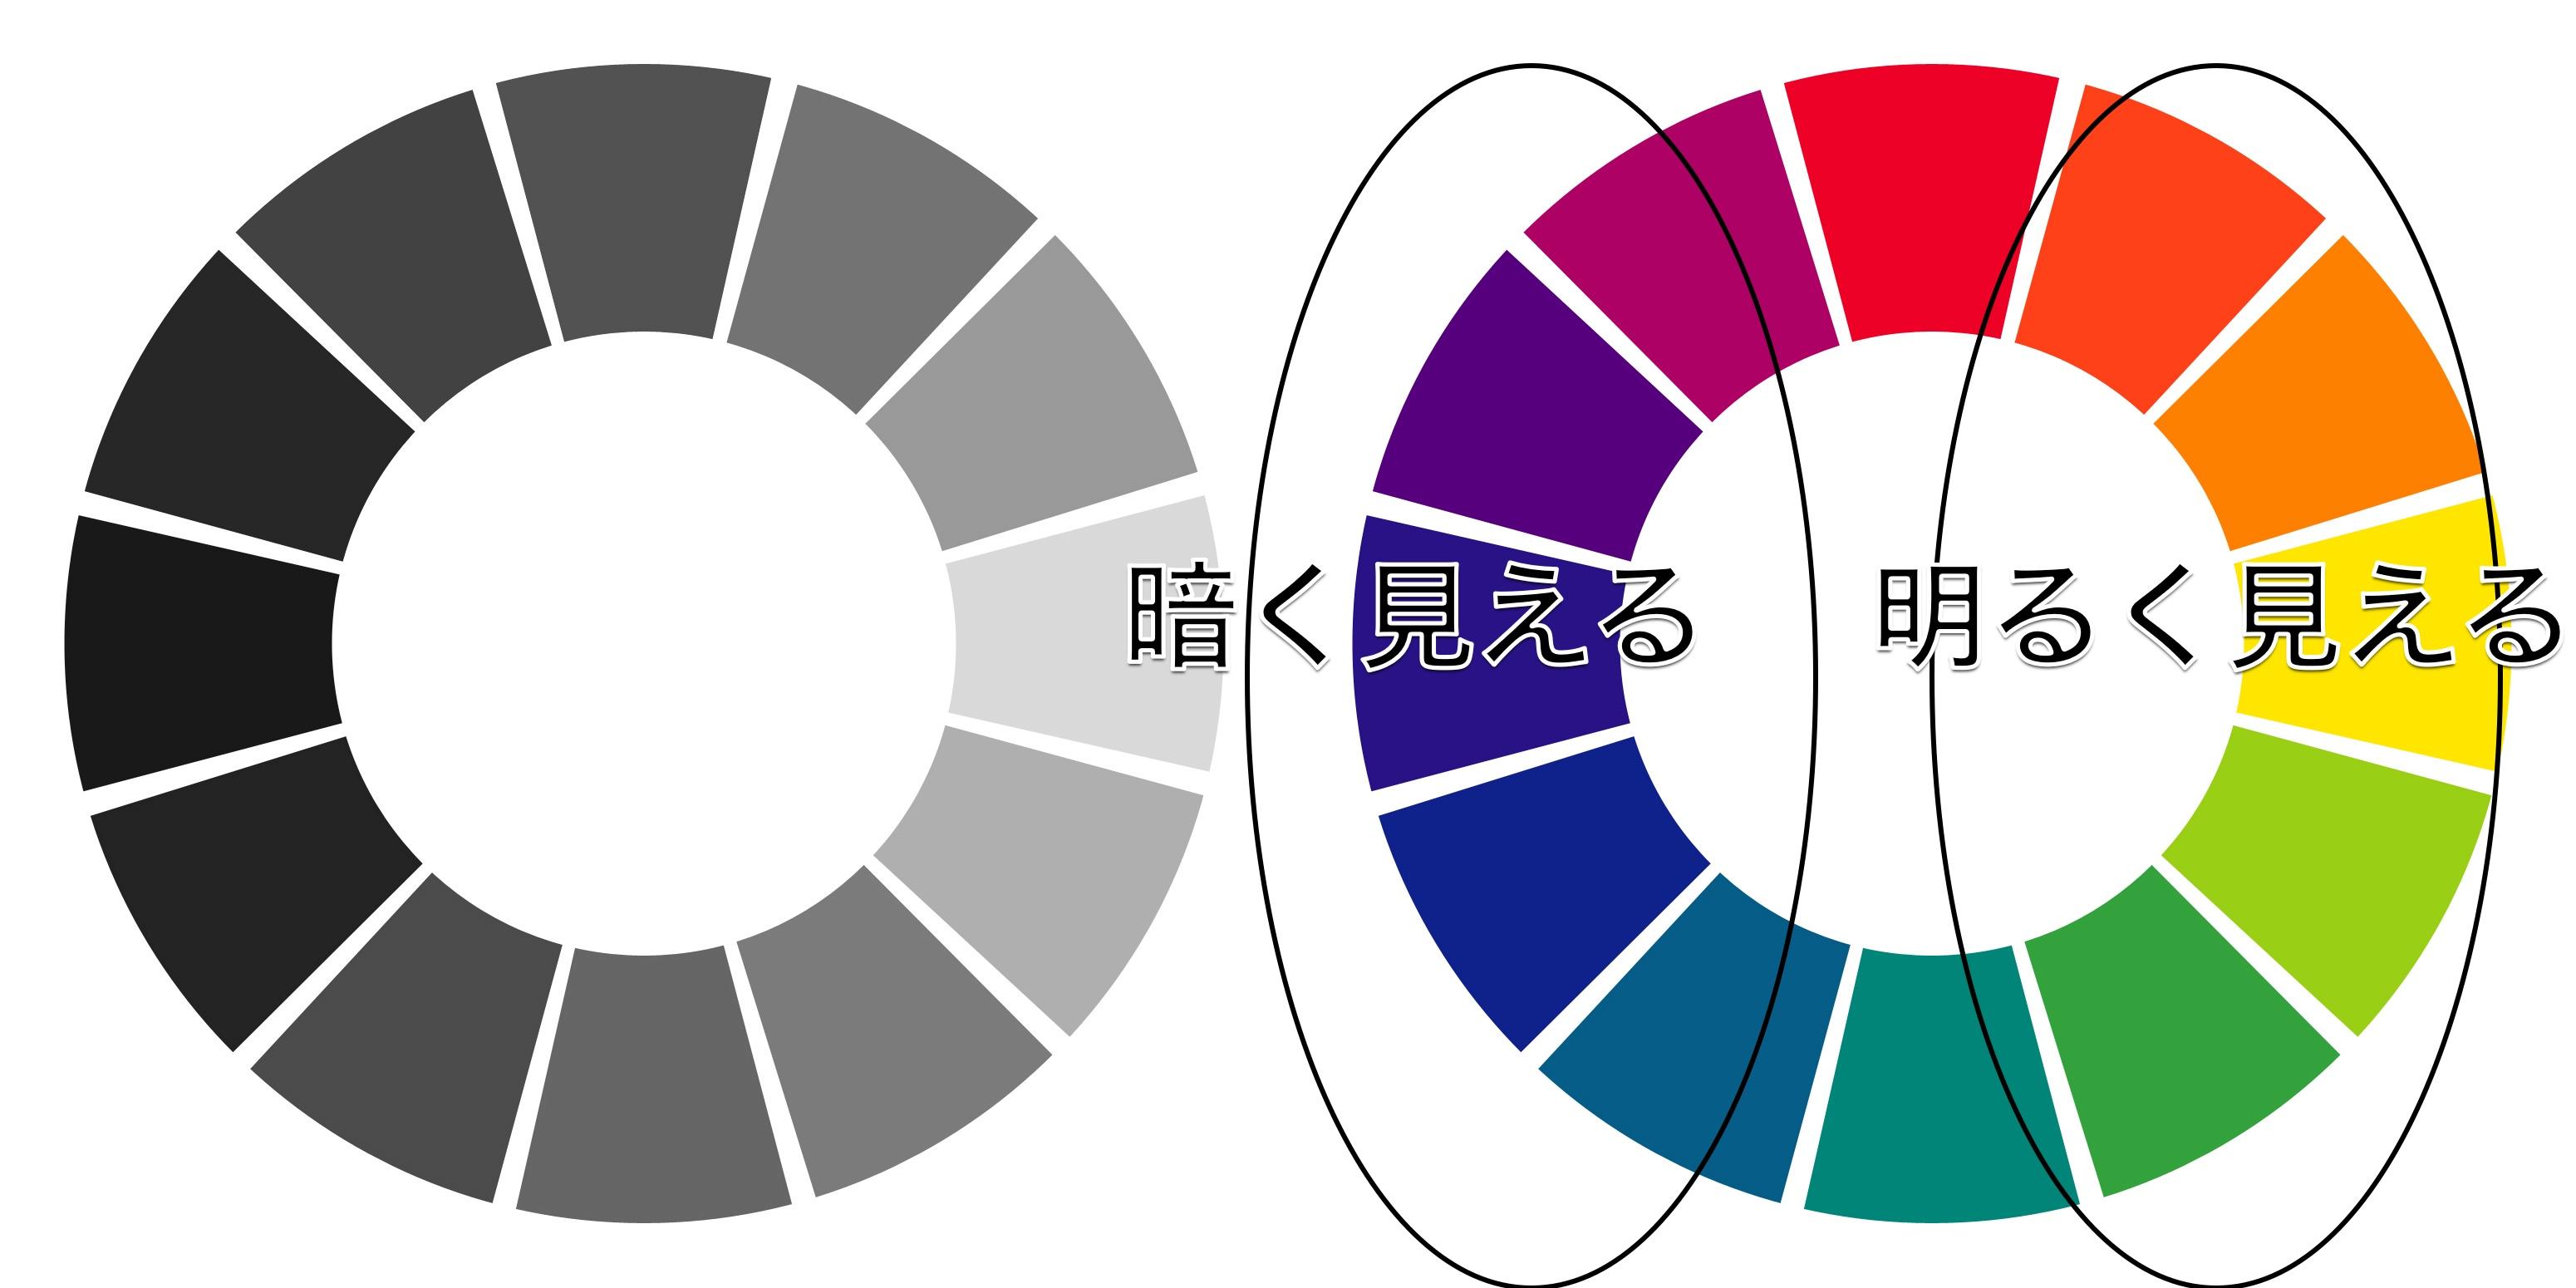 イラスト色相環のコ1ピー